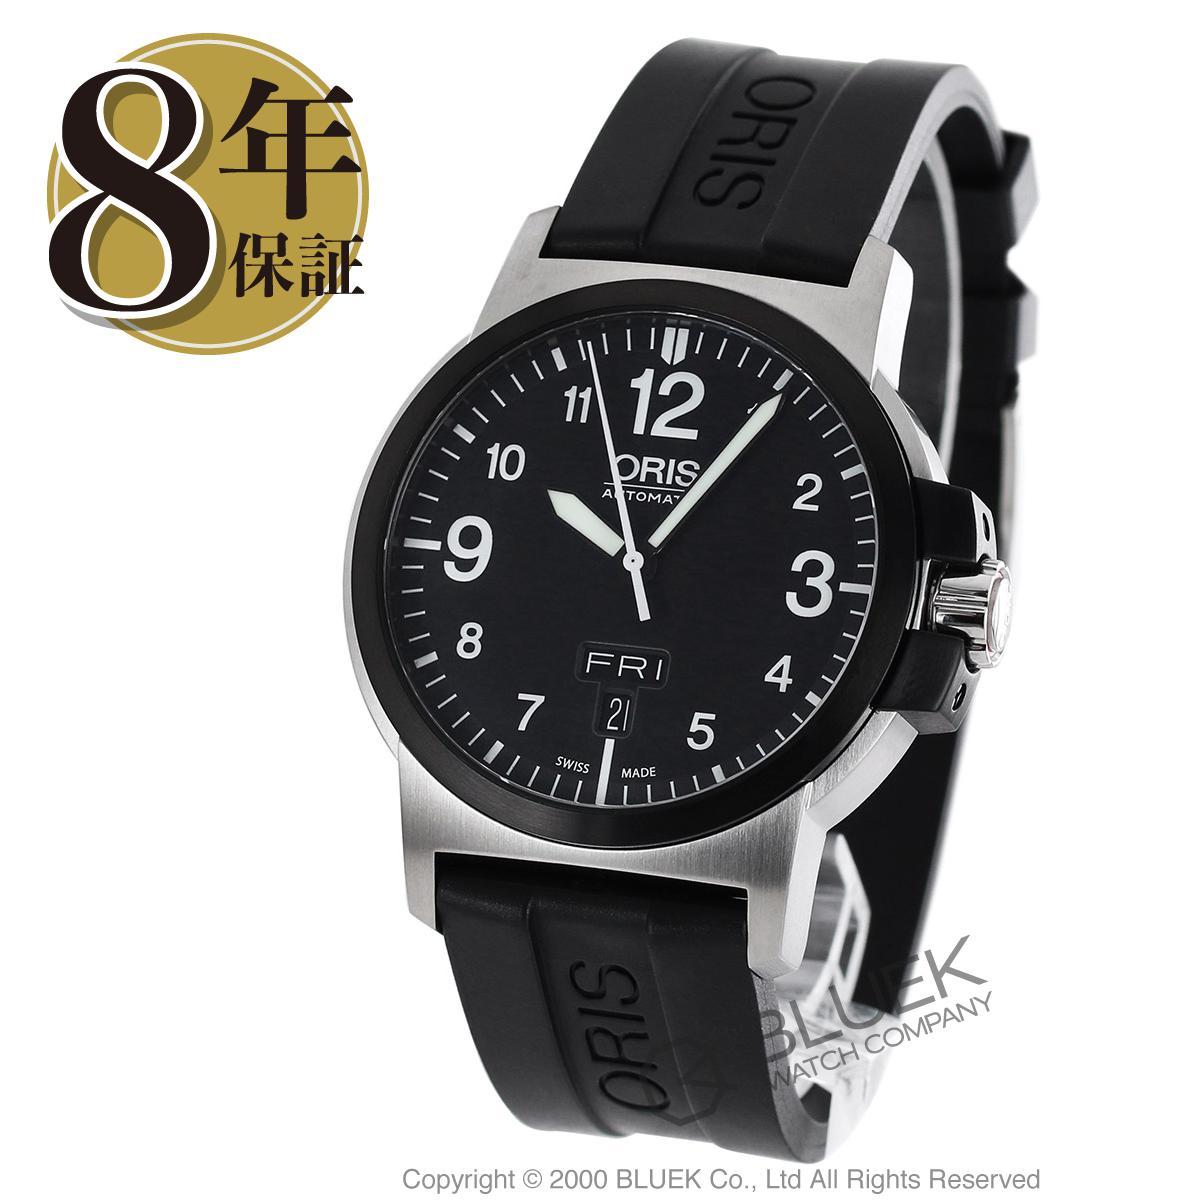 オリス ORIS 腕時計 BC3 アドバンスド メンズ 735 7641 4364R_8